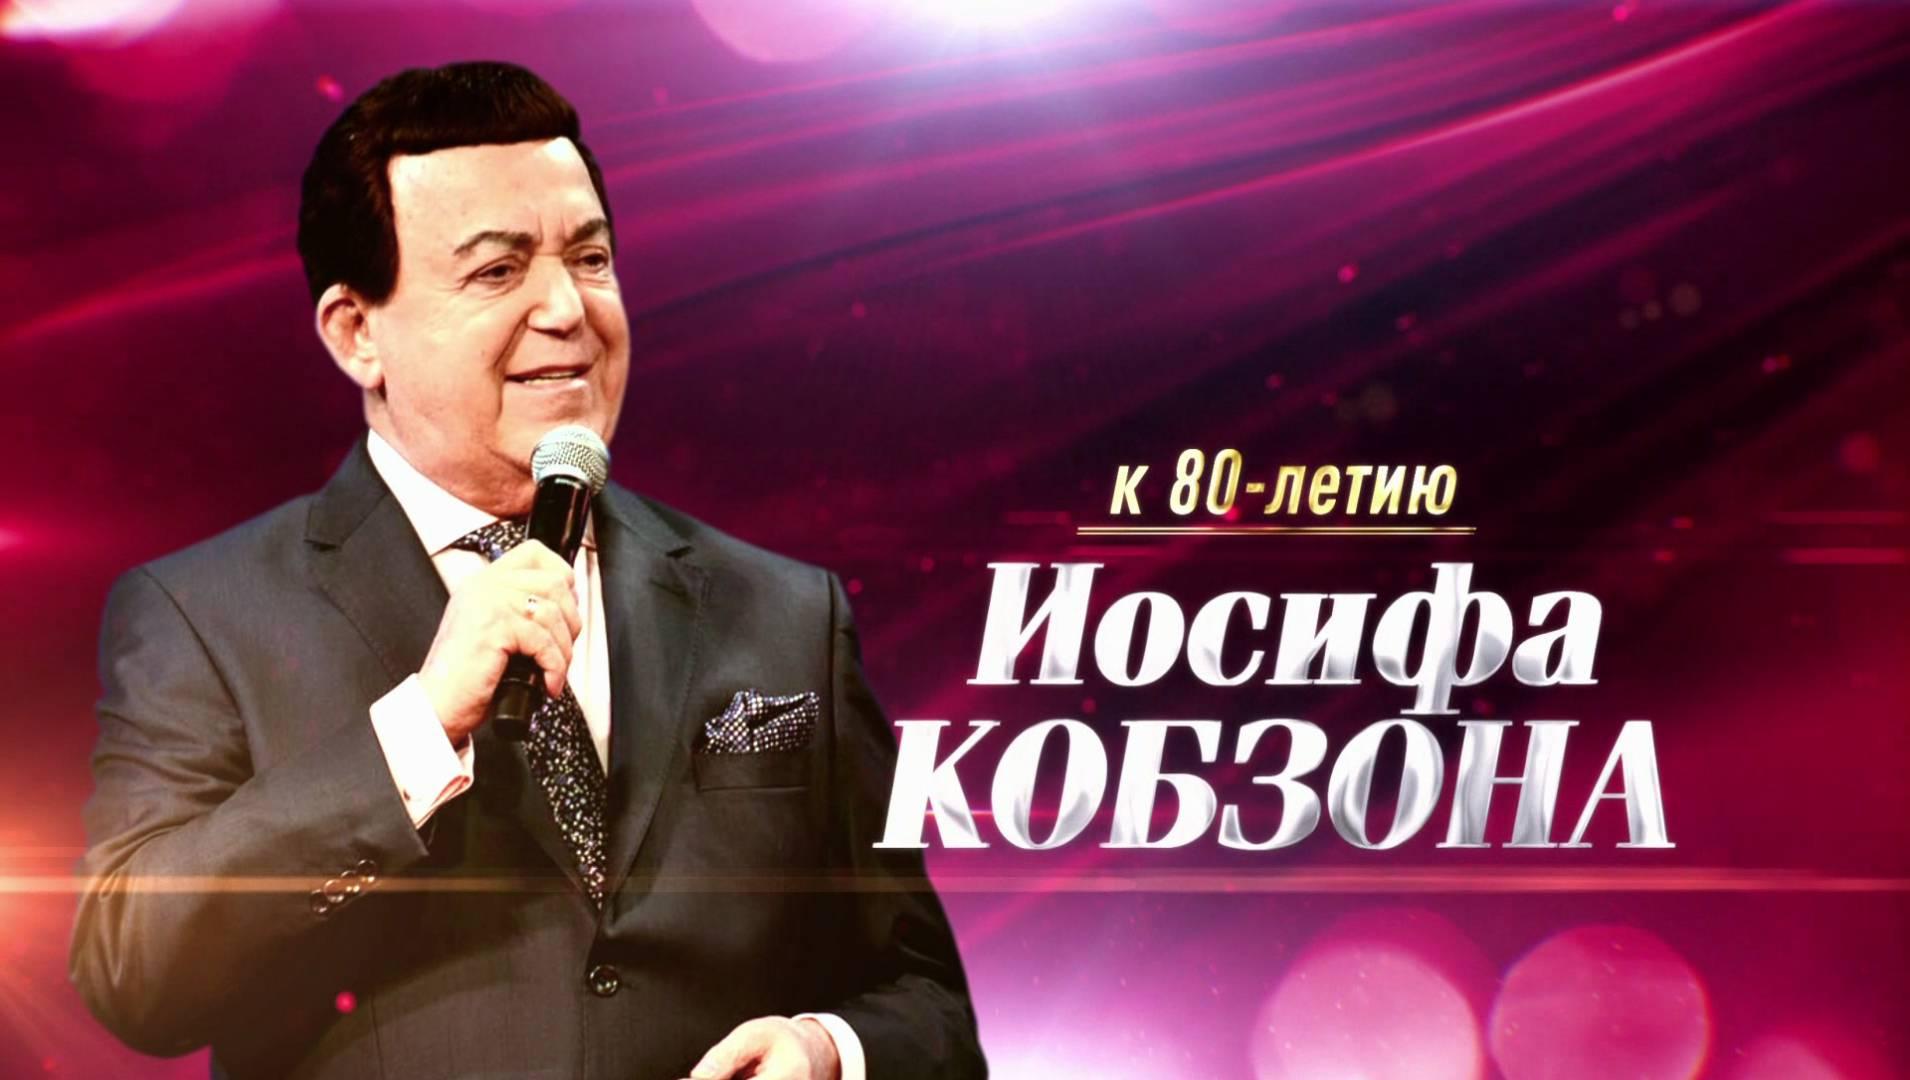 Юбилейный концерт Иосифа Кобзона в Государственном Кремлевском дворце - Концерт